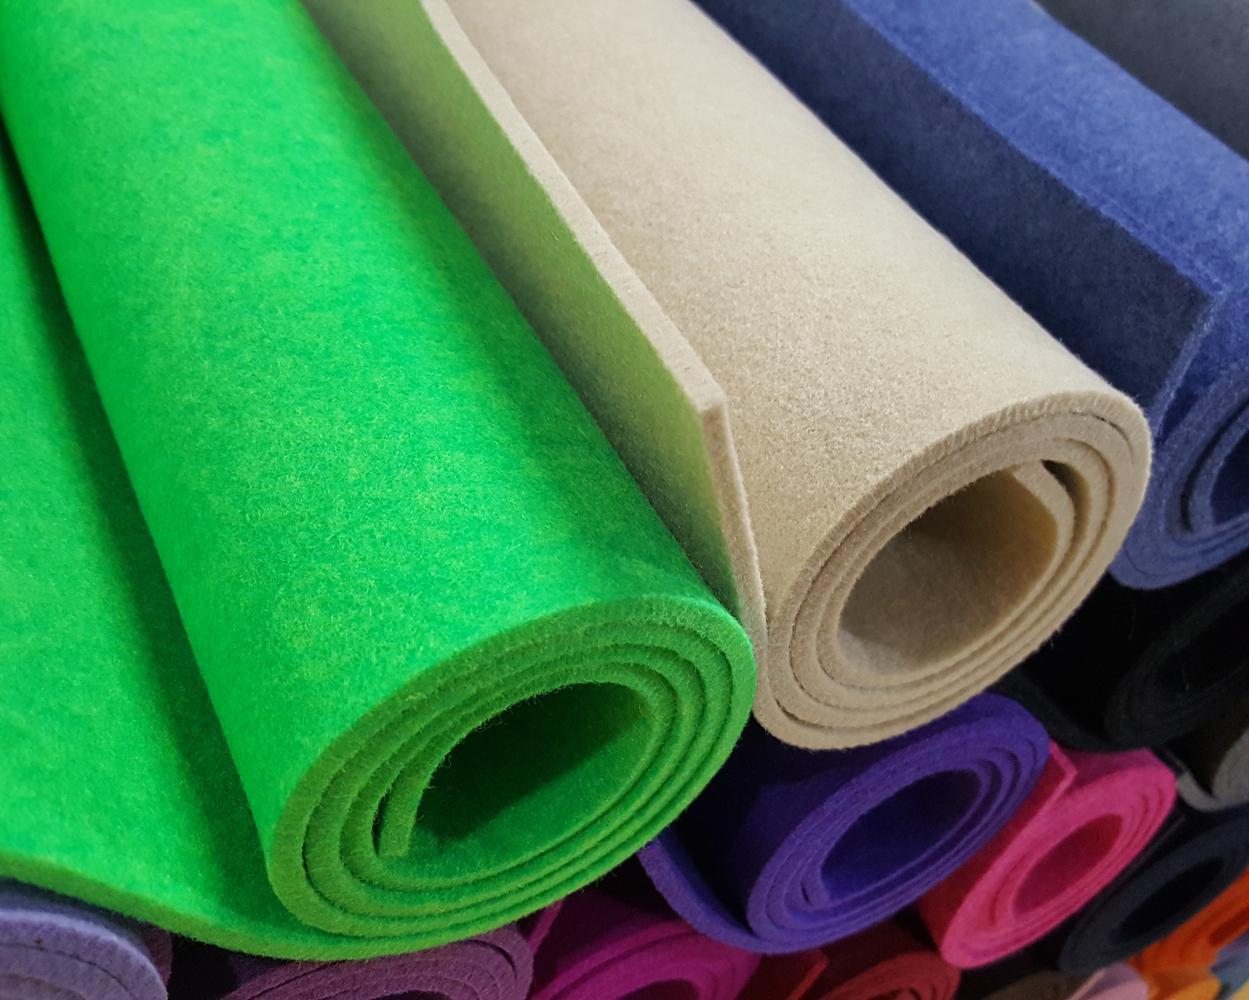 تنوع رنگی در پارچه ملانژ